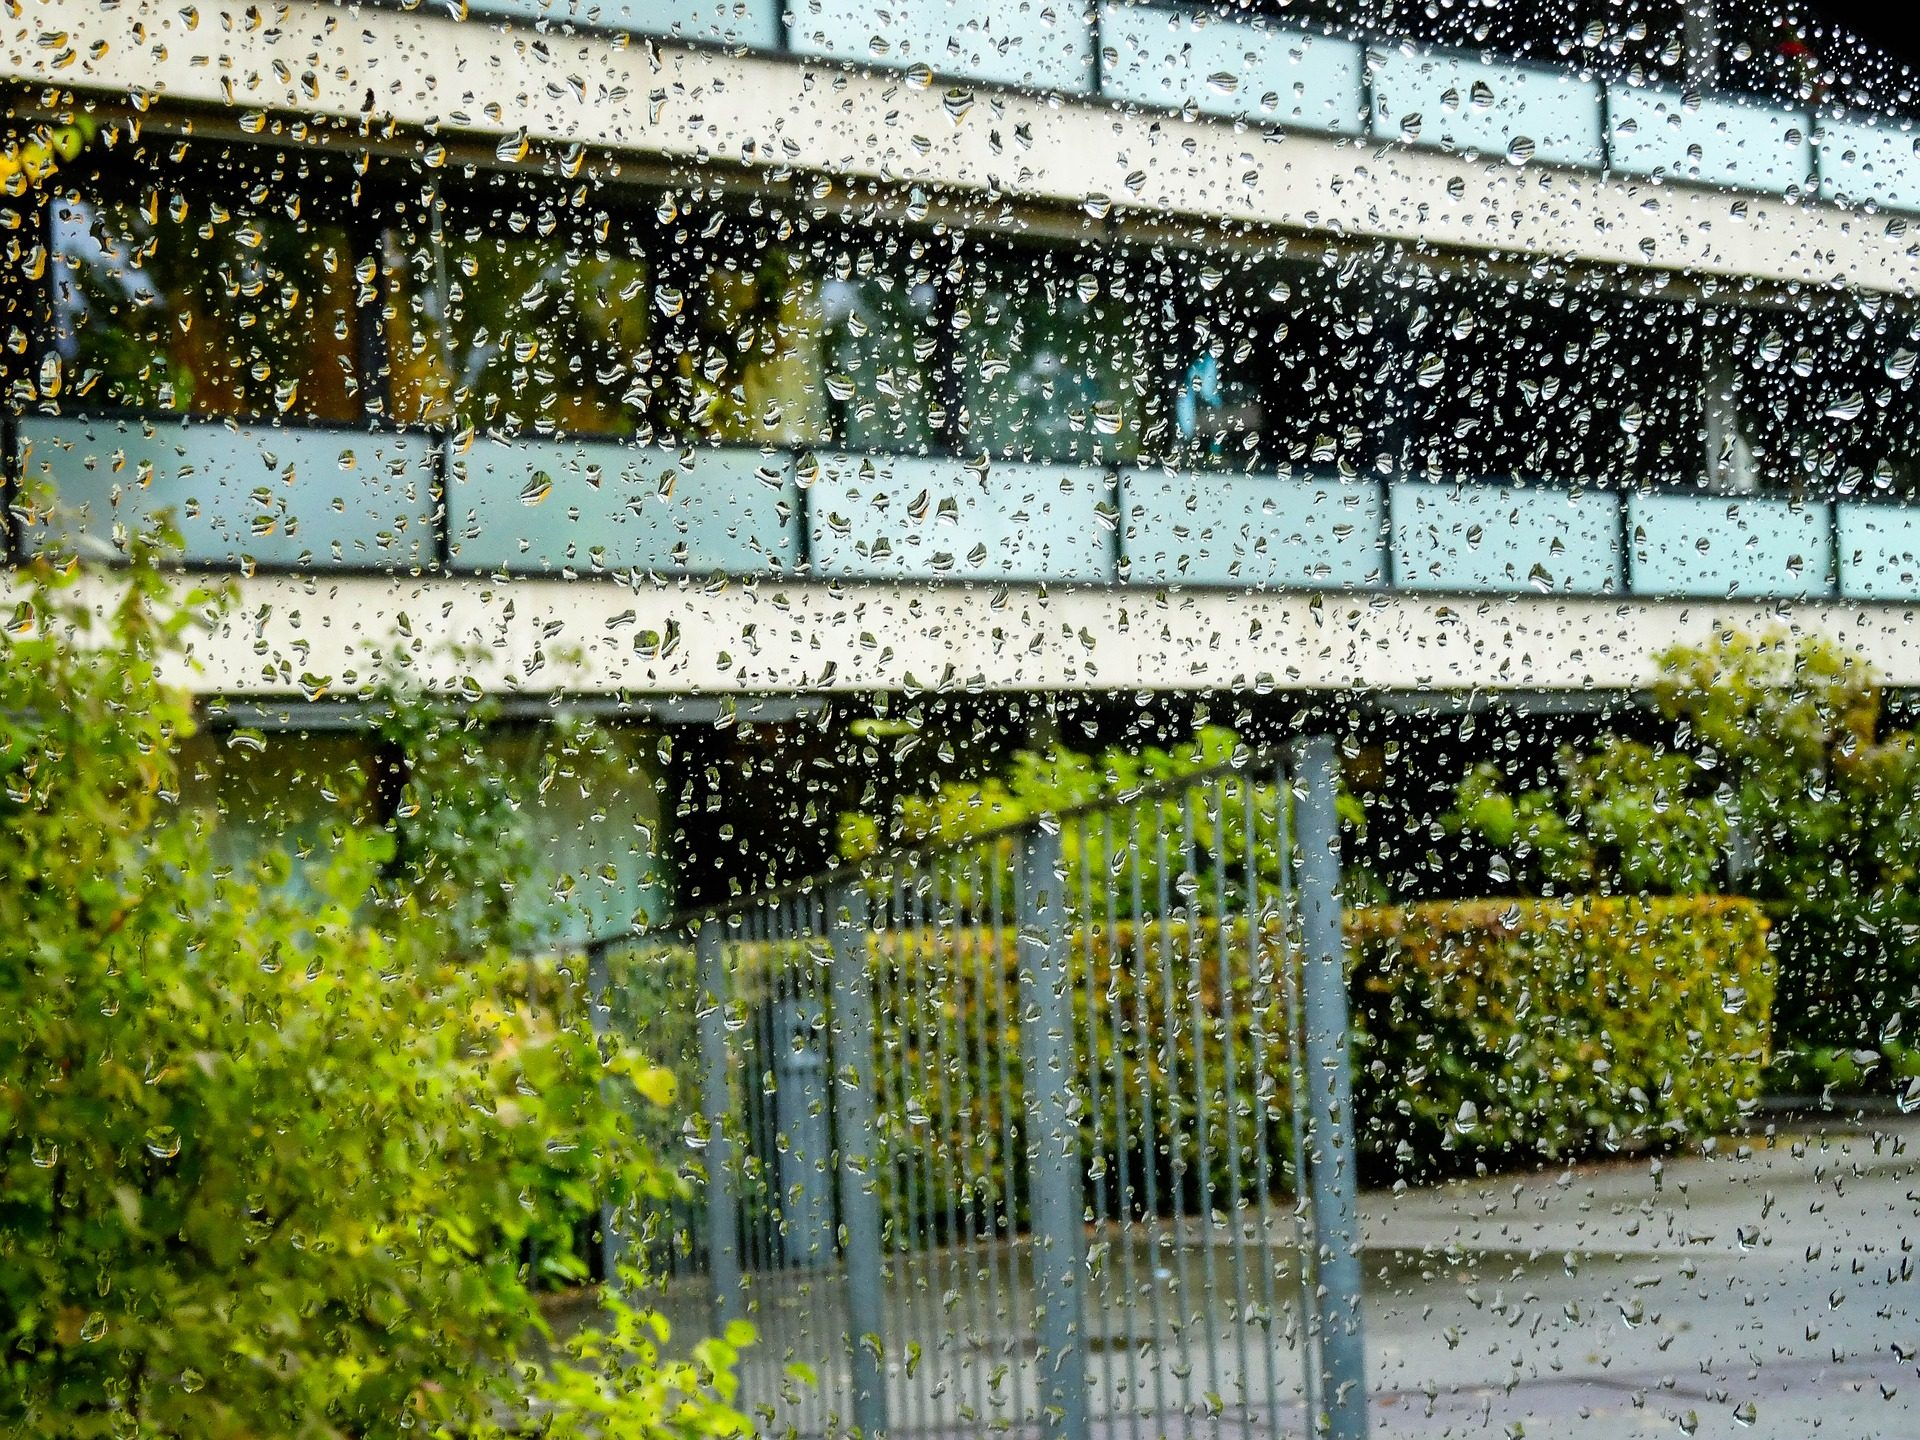 بناء, قطرات, المياه, المطر, شجرة - خلفيات عالية الدقة - أستاذ falken.com